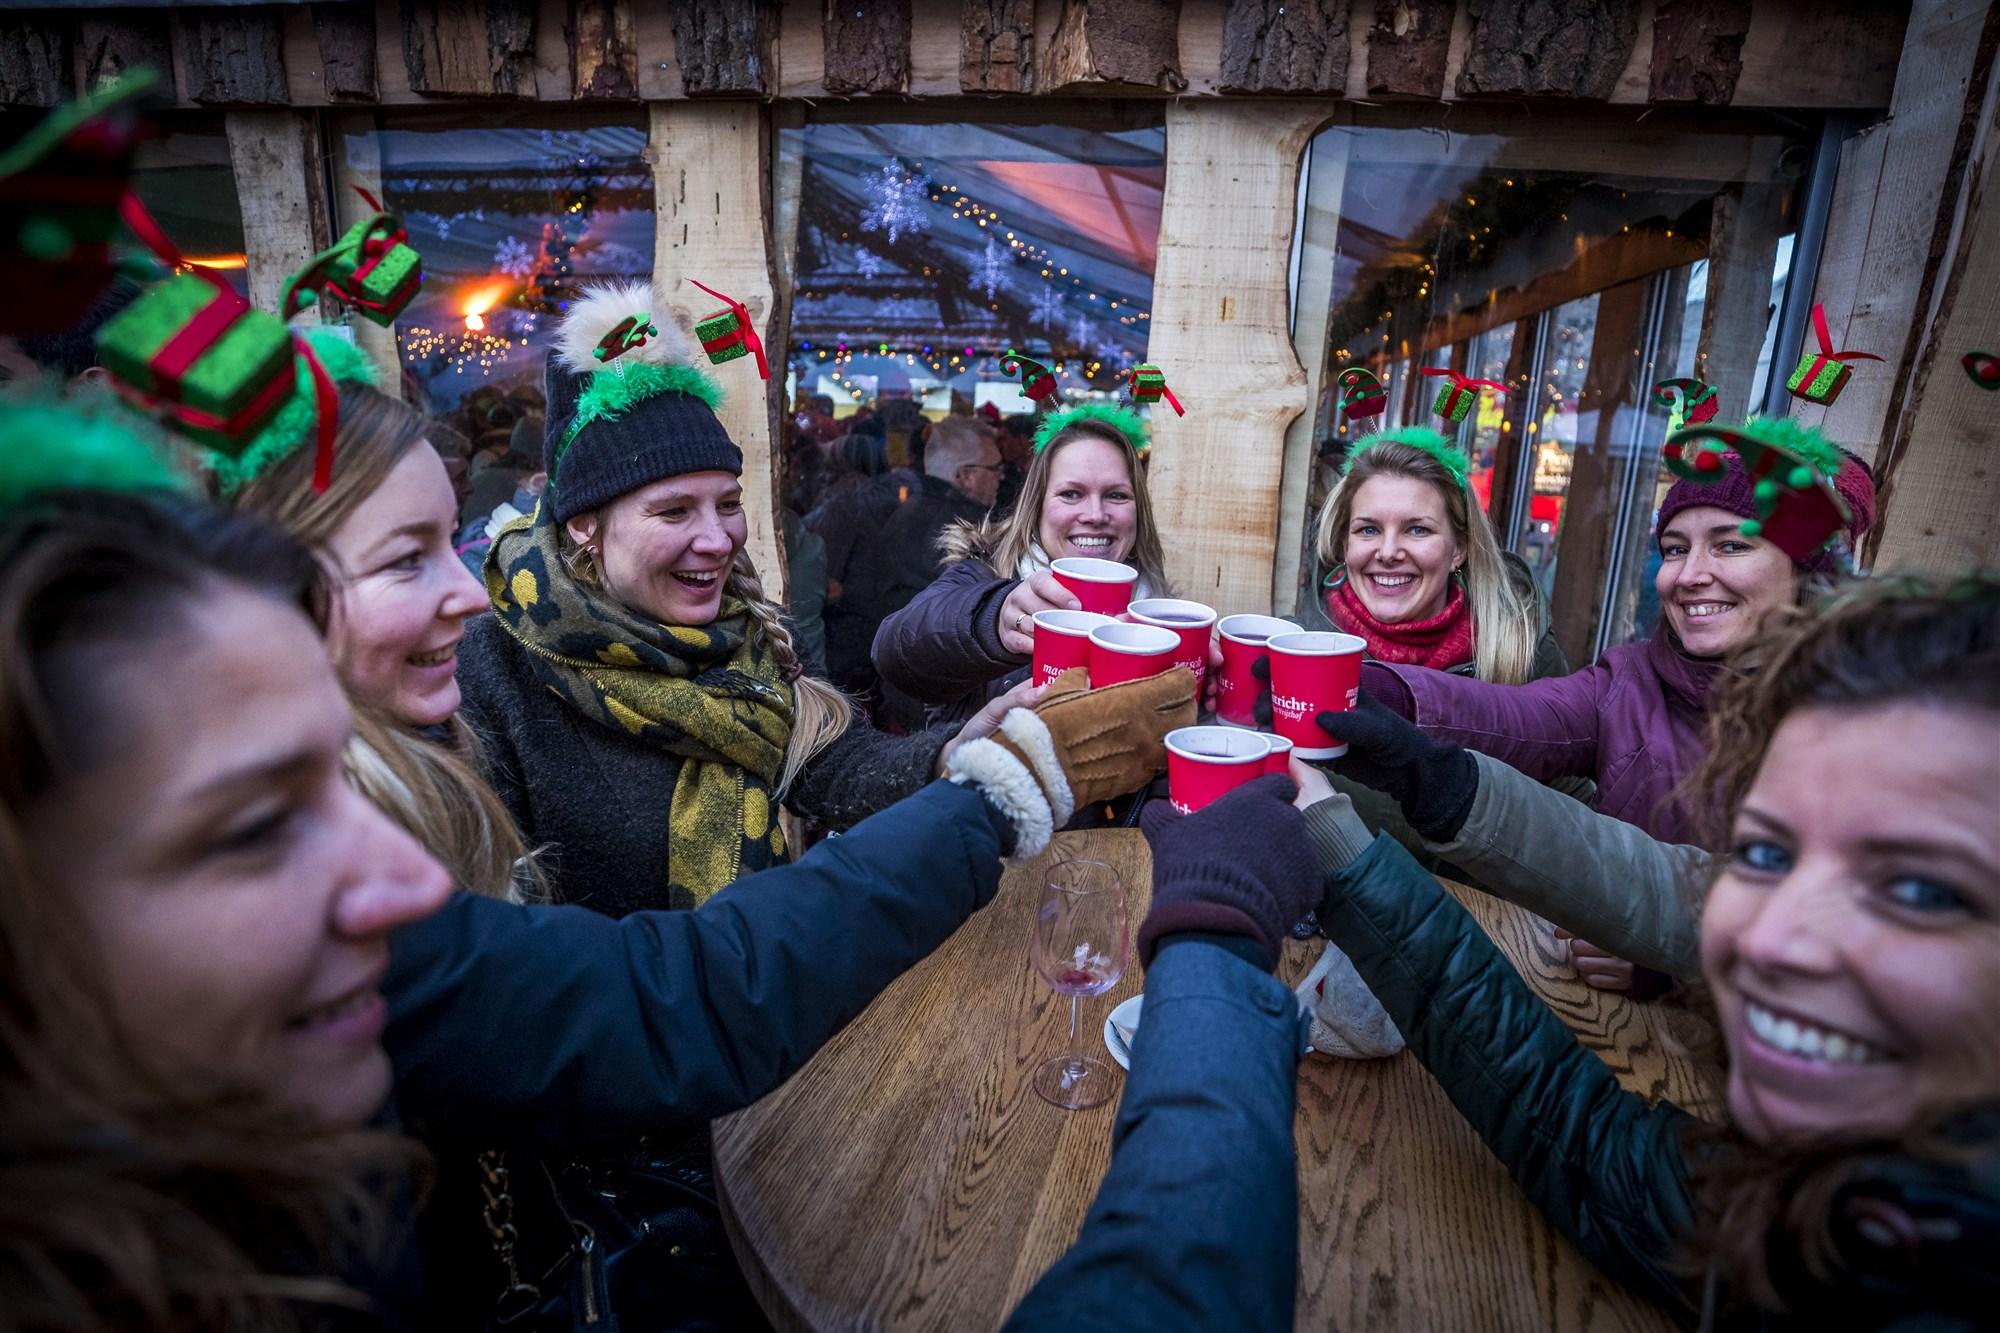 kerstmarkt delft 2019